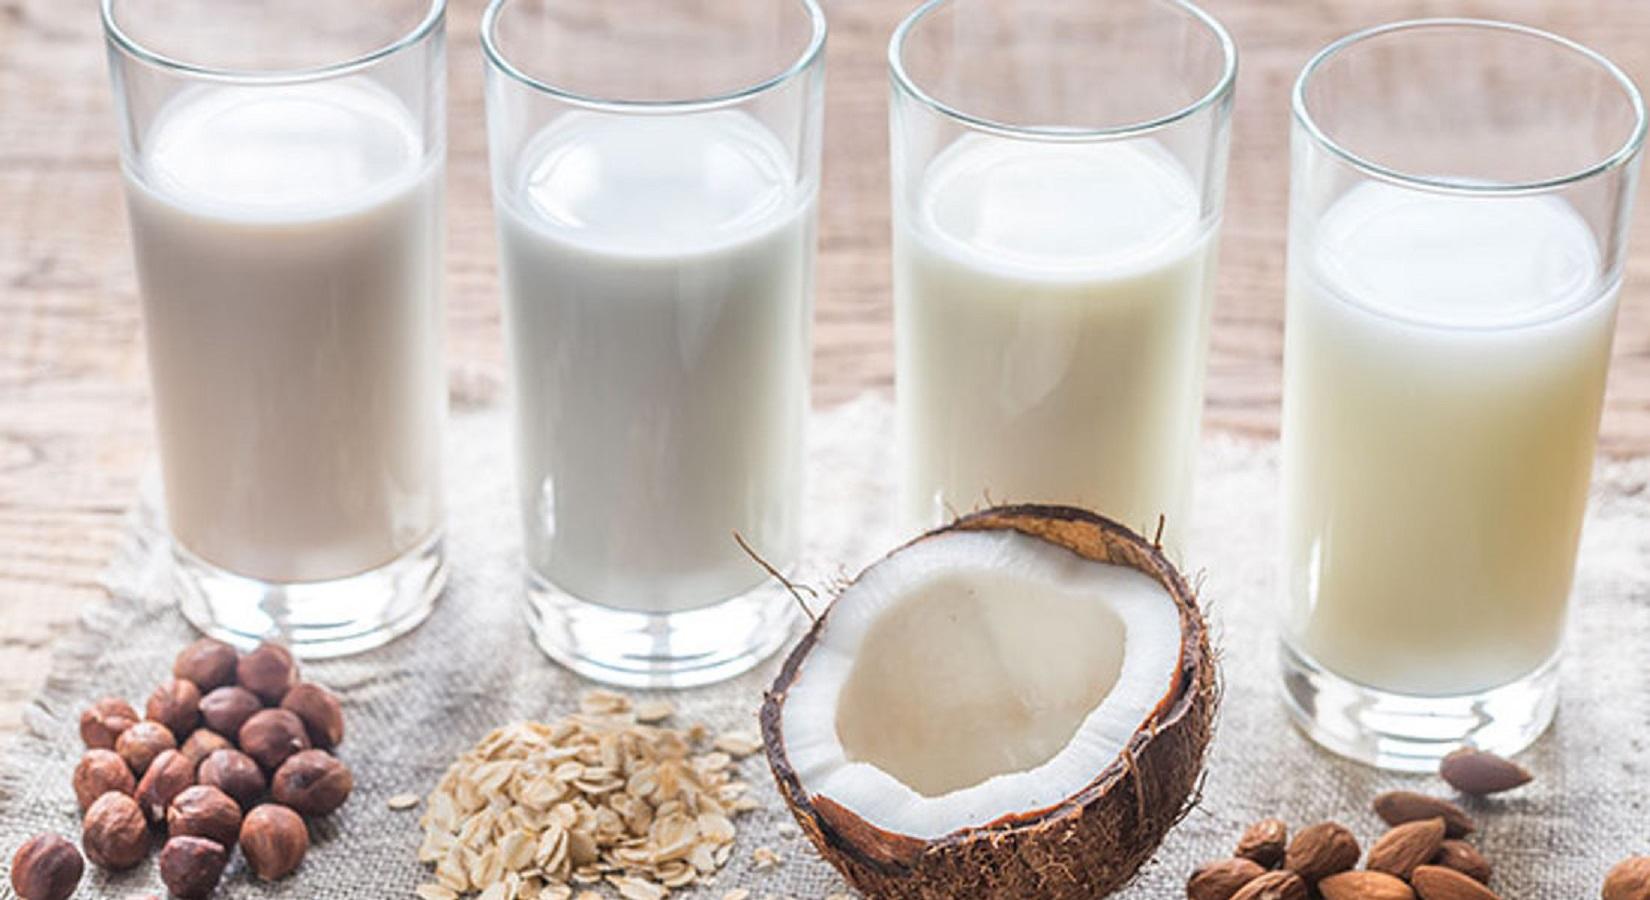 Latte di cocco, 4 benefici della bevanda